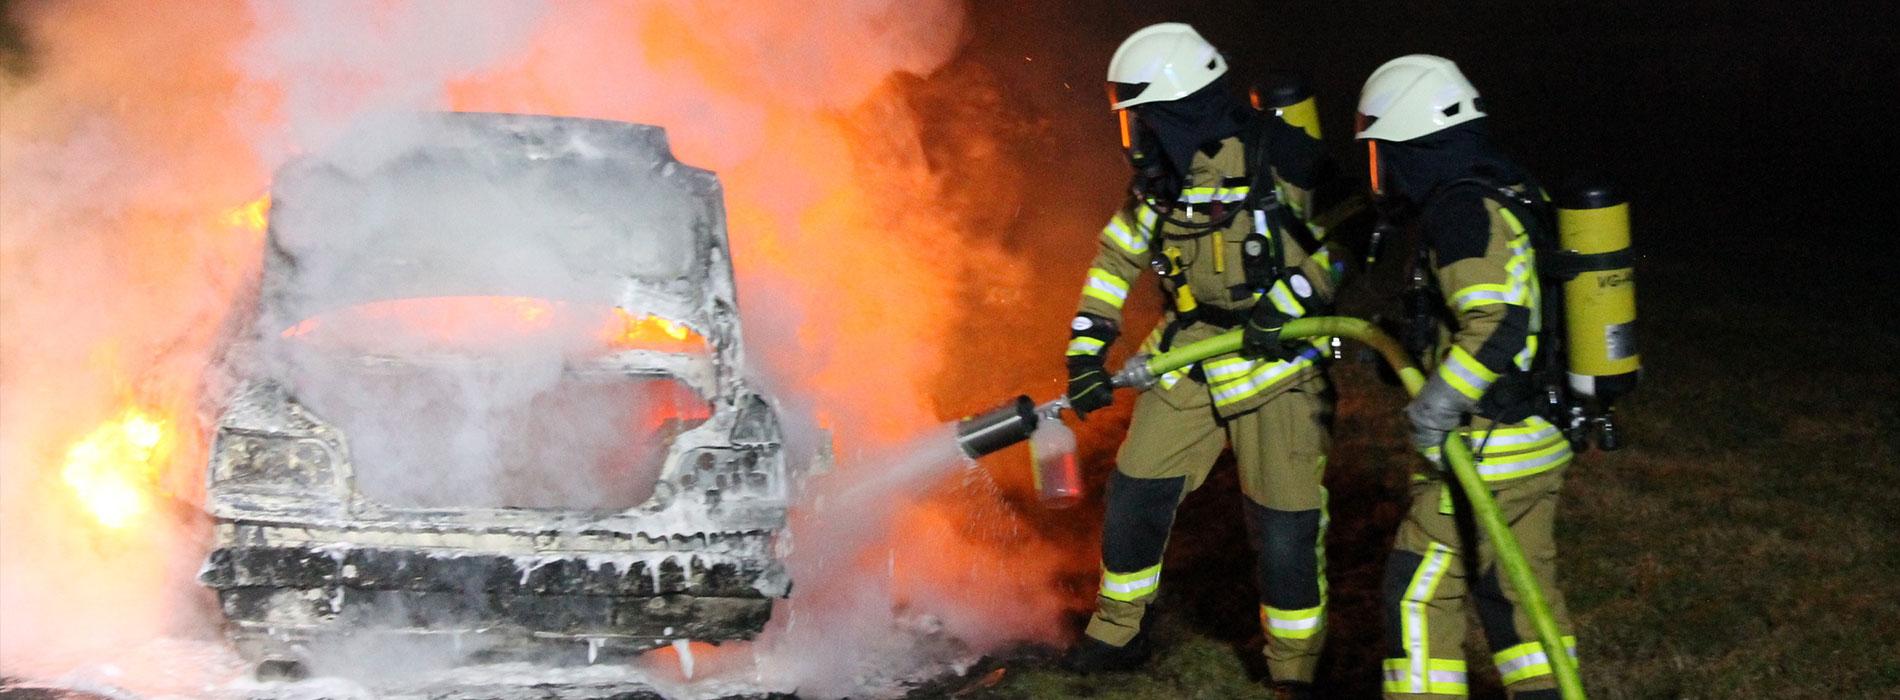 Feuerwehr-Windhagen_Einsatz_02_VG-Asbach.jpg